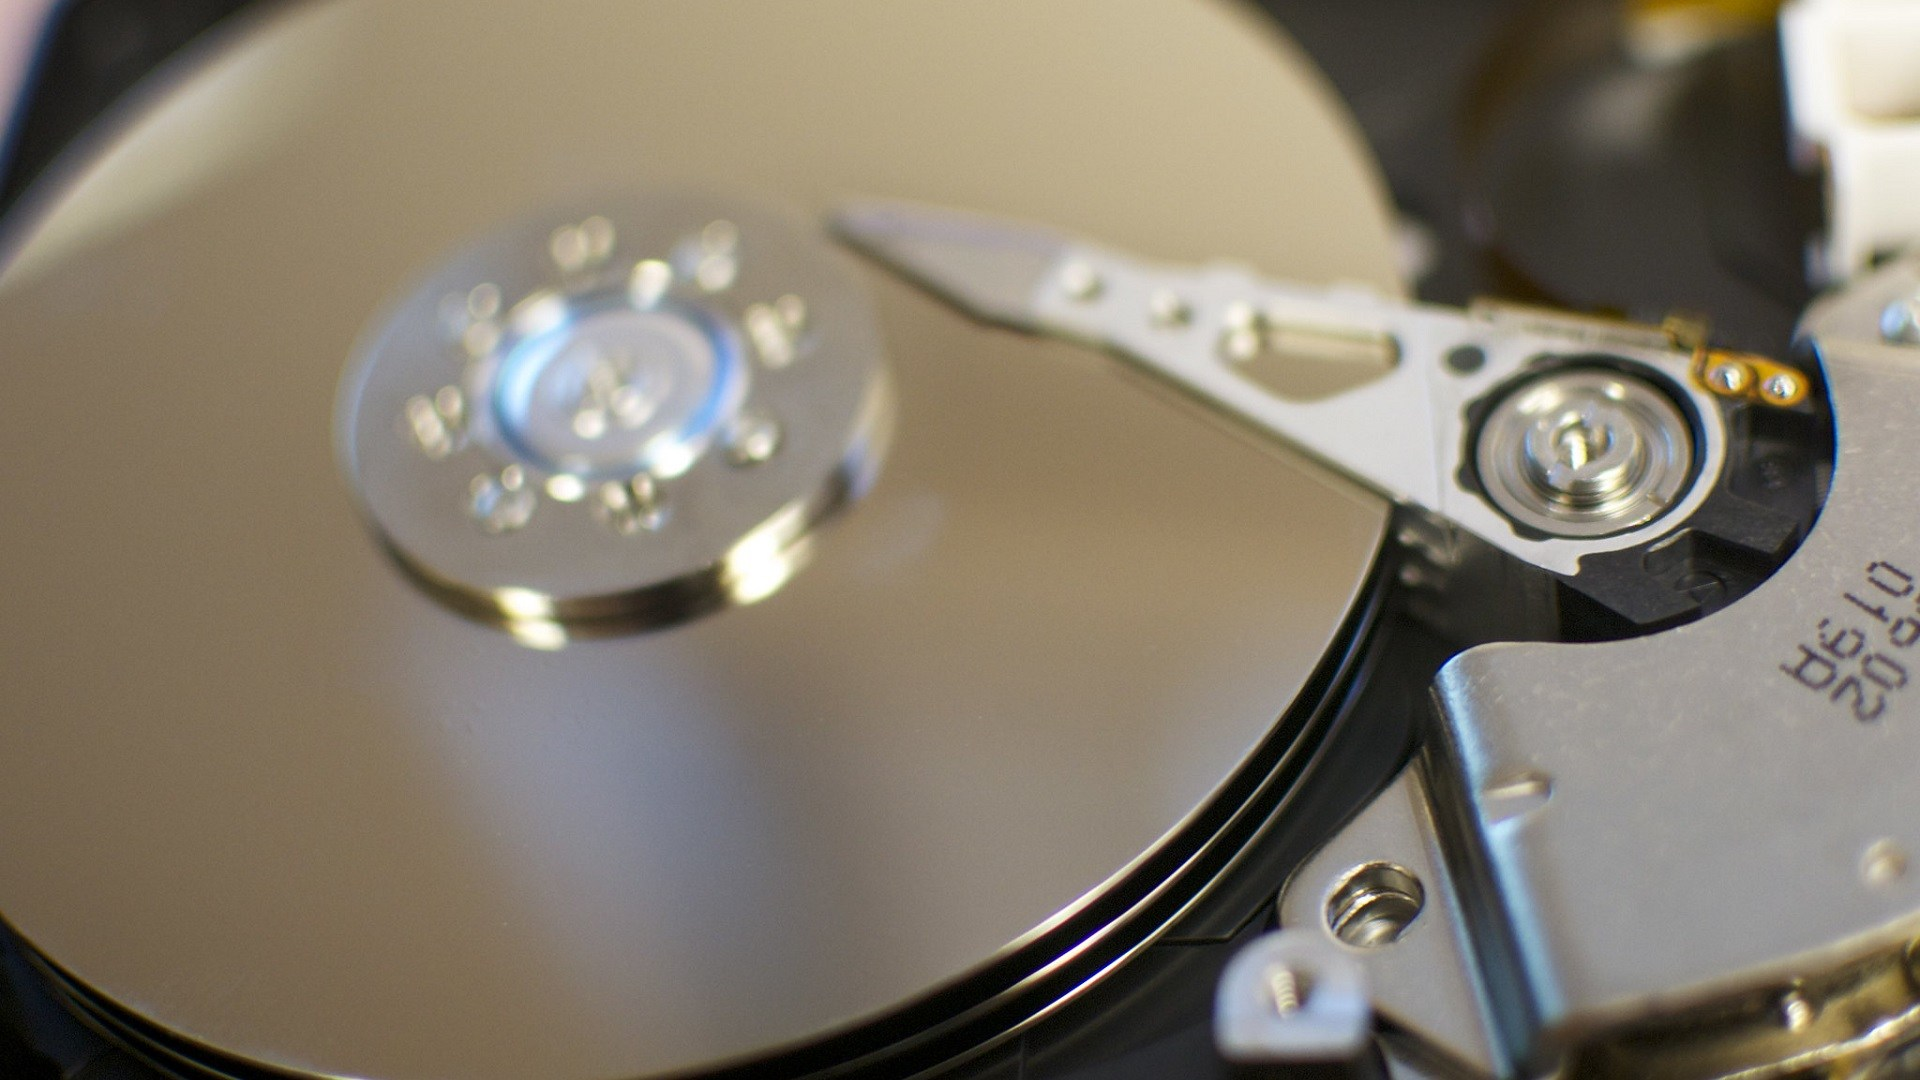 Disques durs externes : quels sont les meilleurs SSD ou HDD en 2020 ?